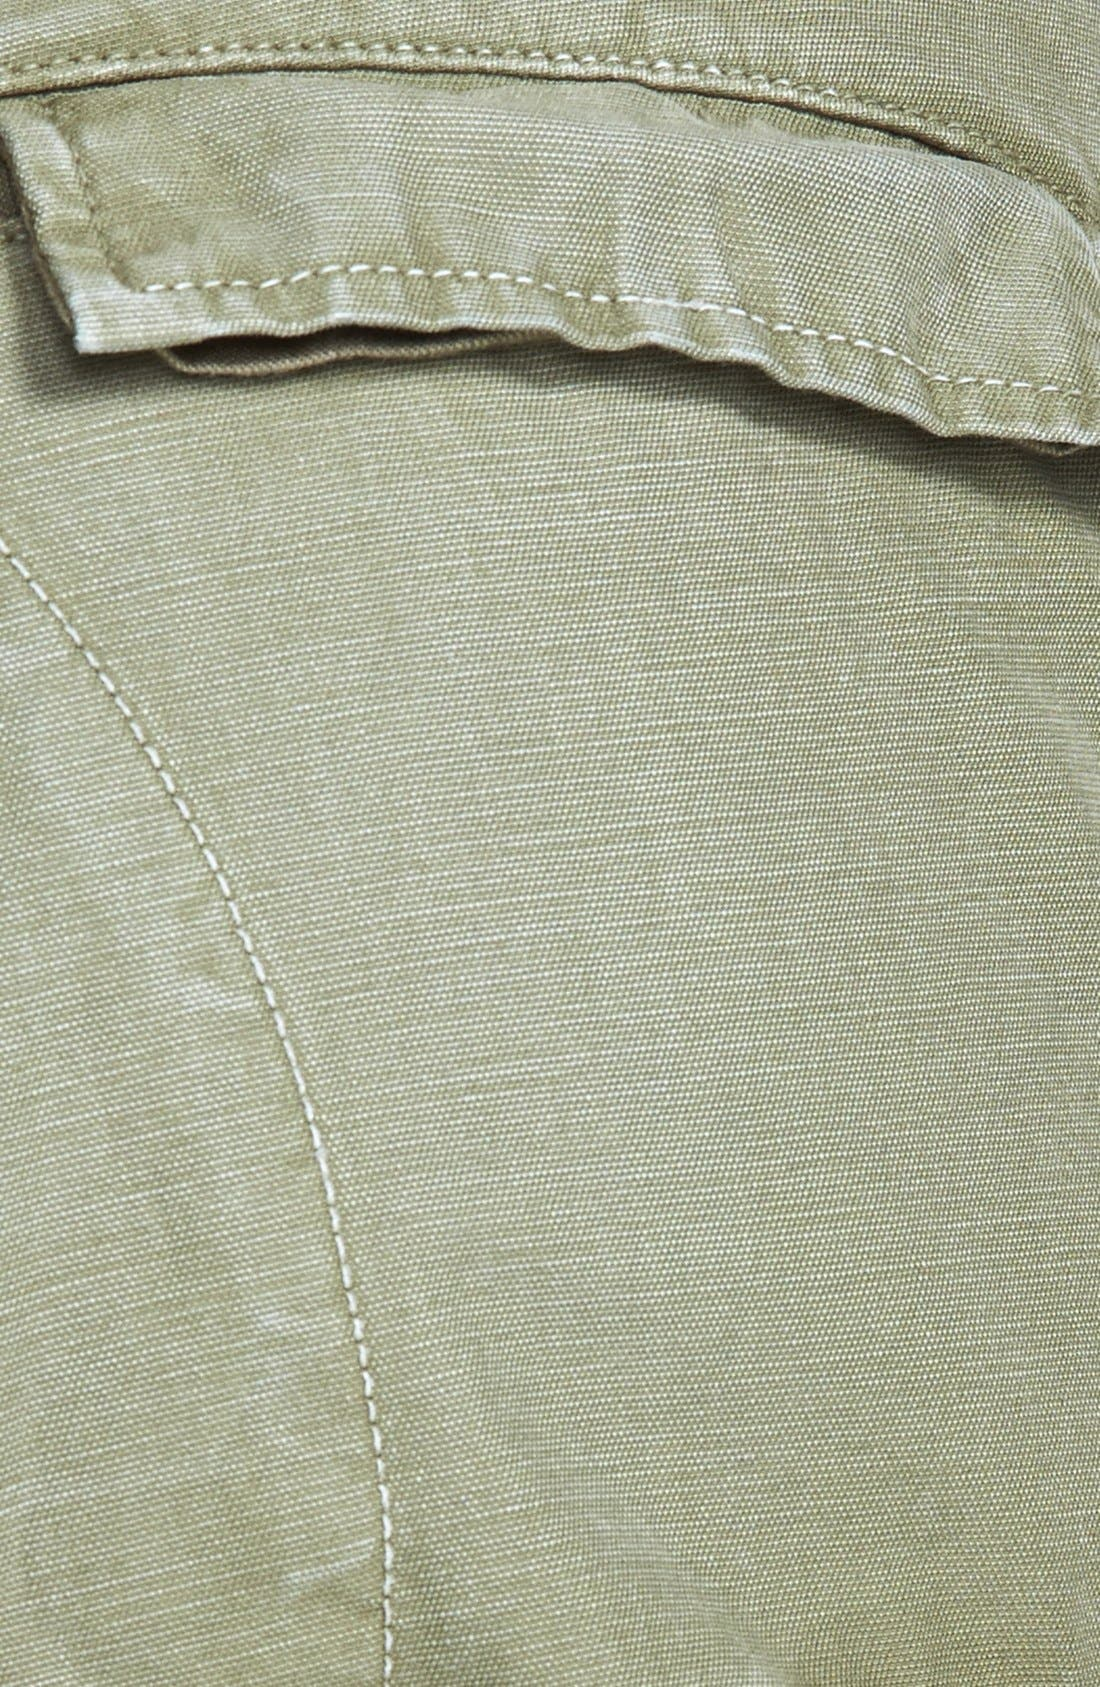 JEAN 'Combat' Cargo Pants,                             Alternate thumbnail 3, color,                             300